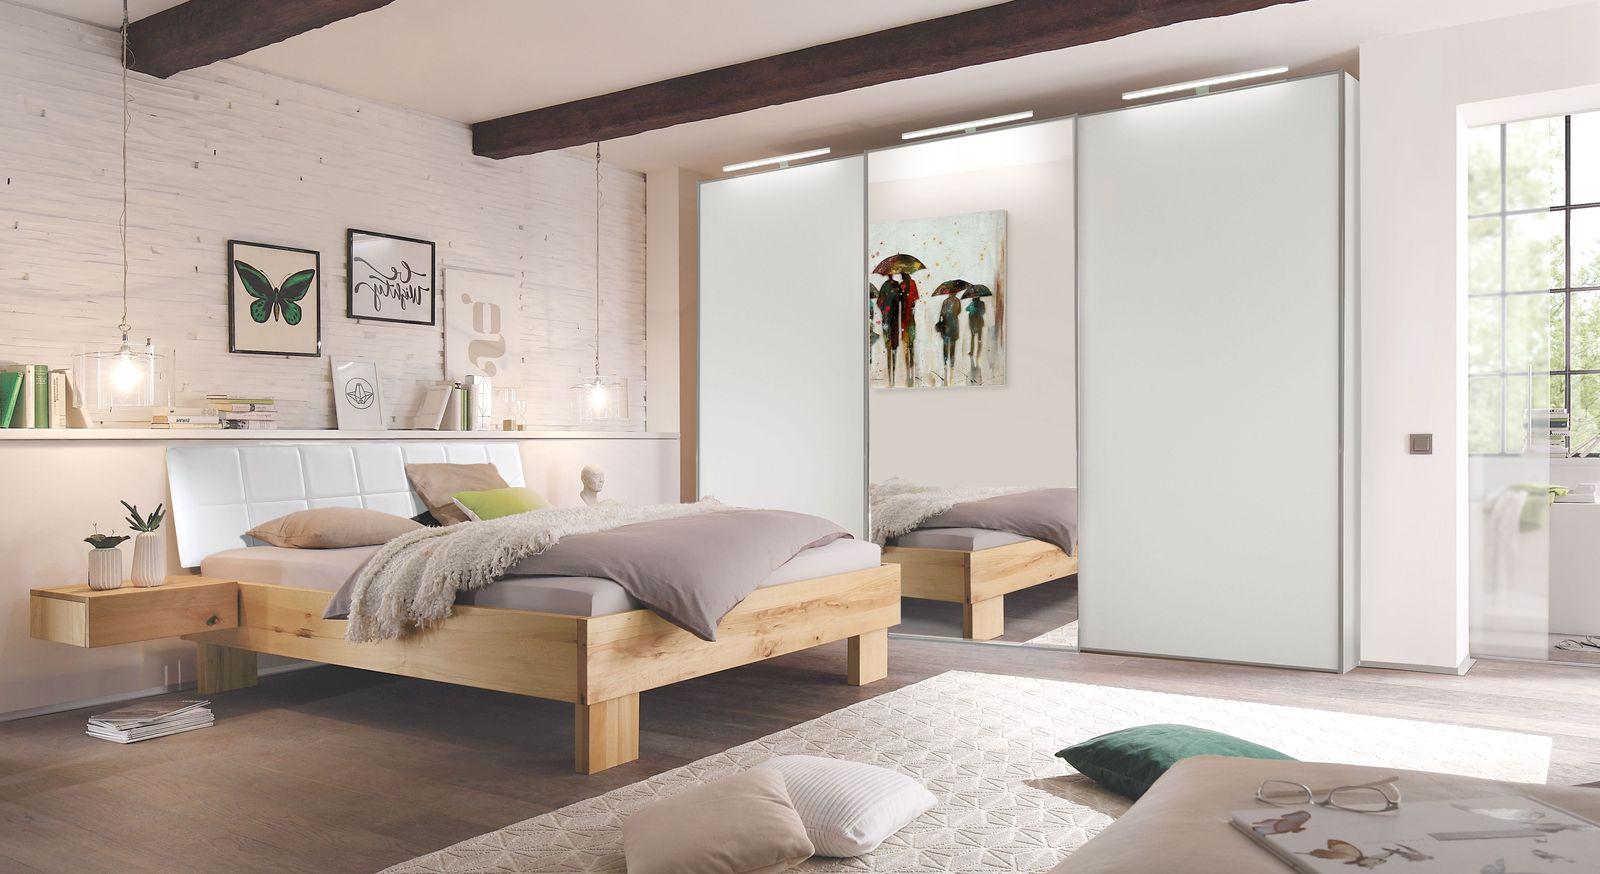 Komplett-Schlafzimmer Nemea mit Wildbuche-Bett